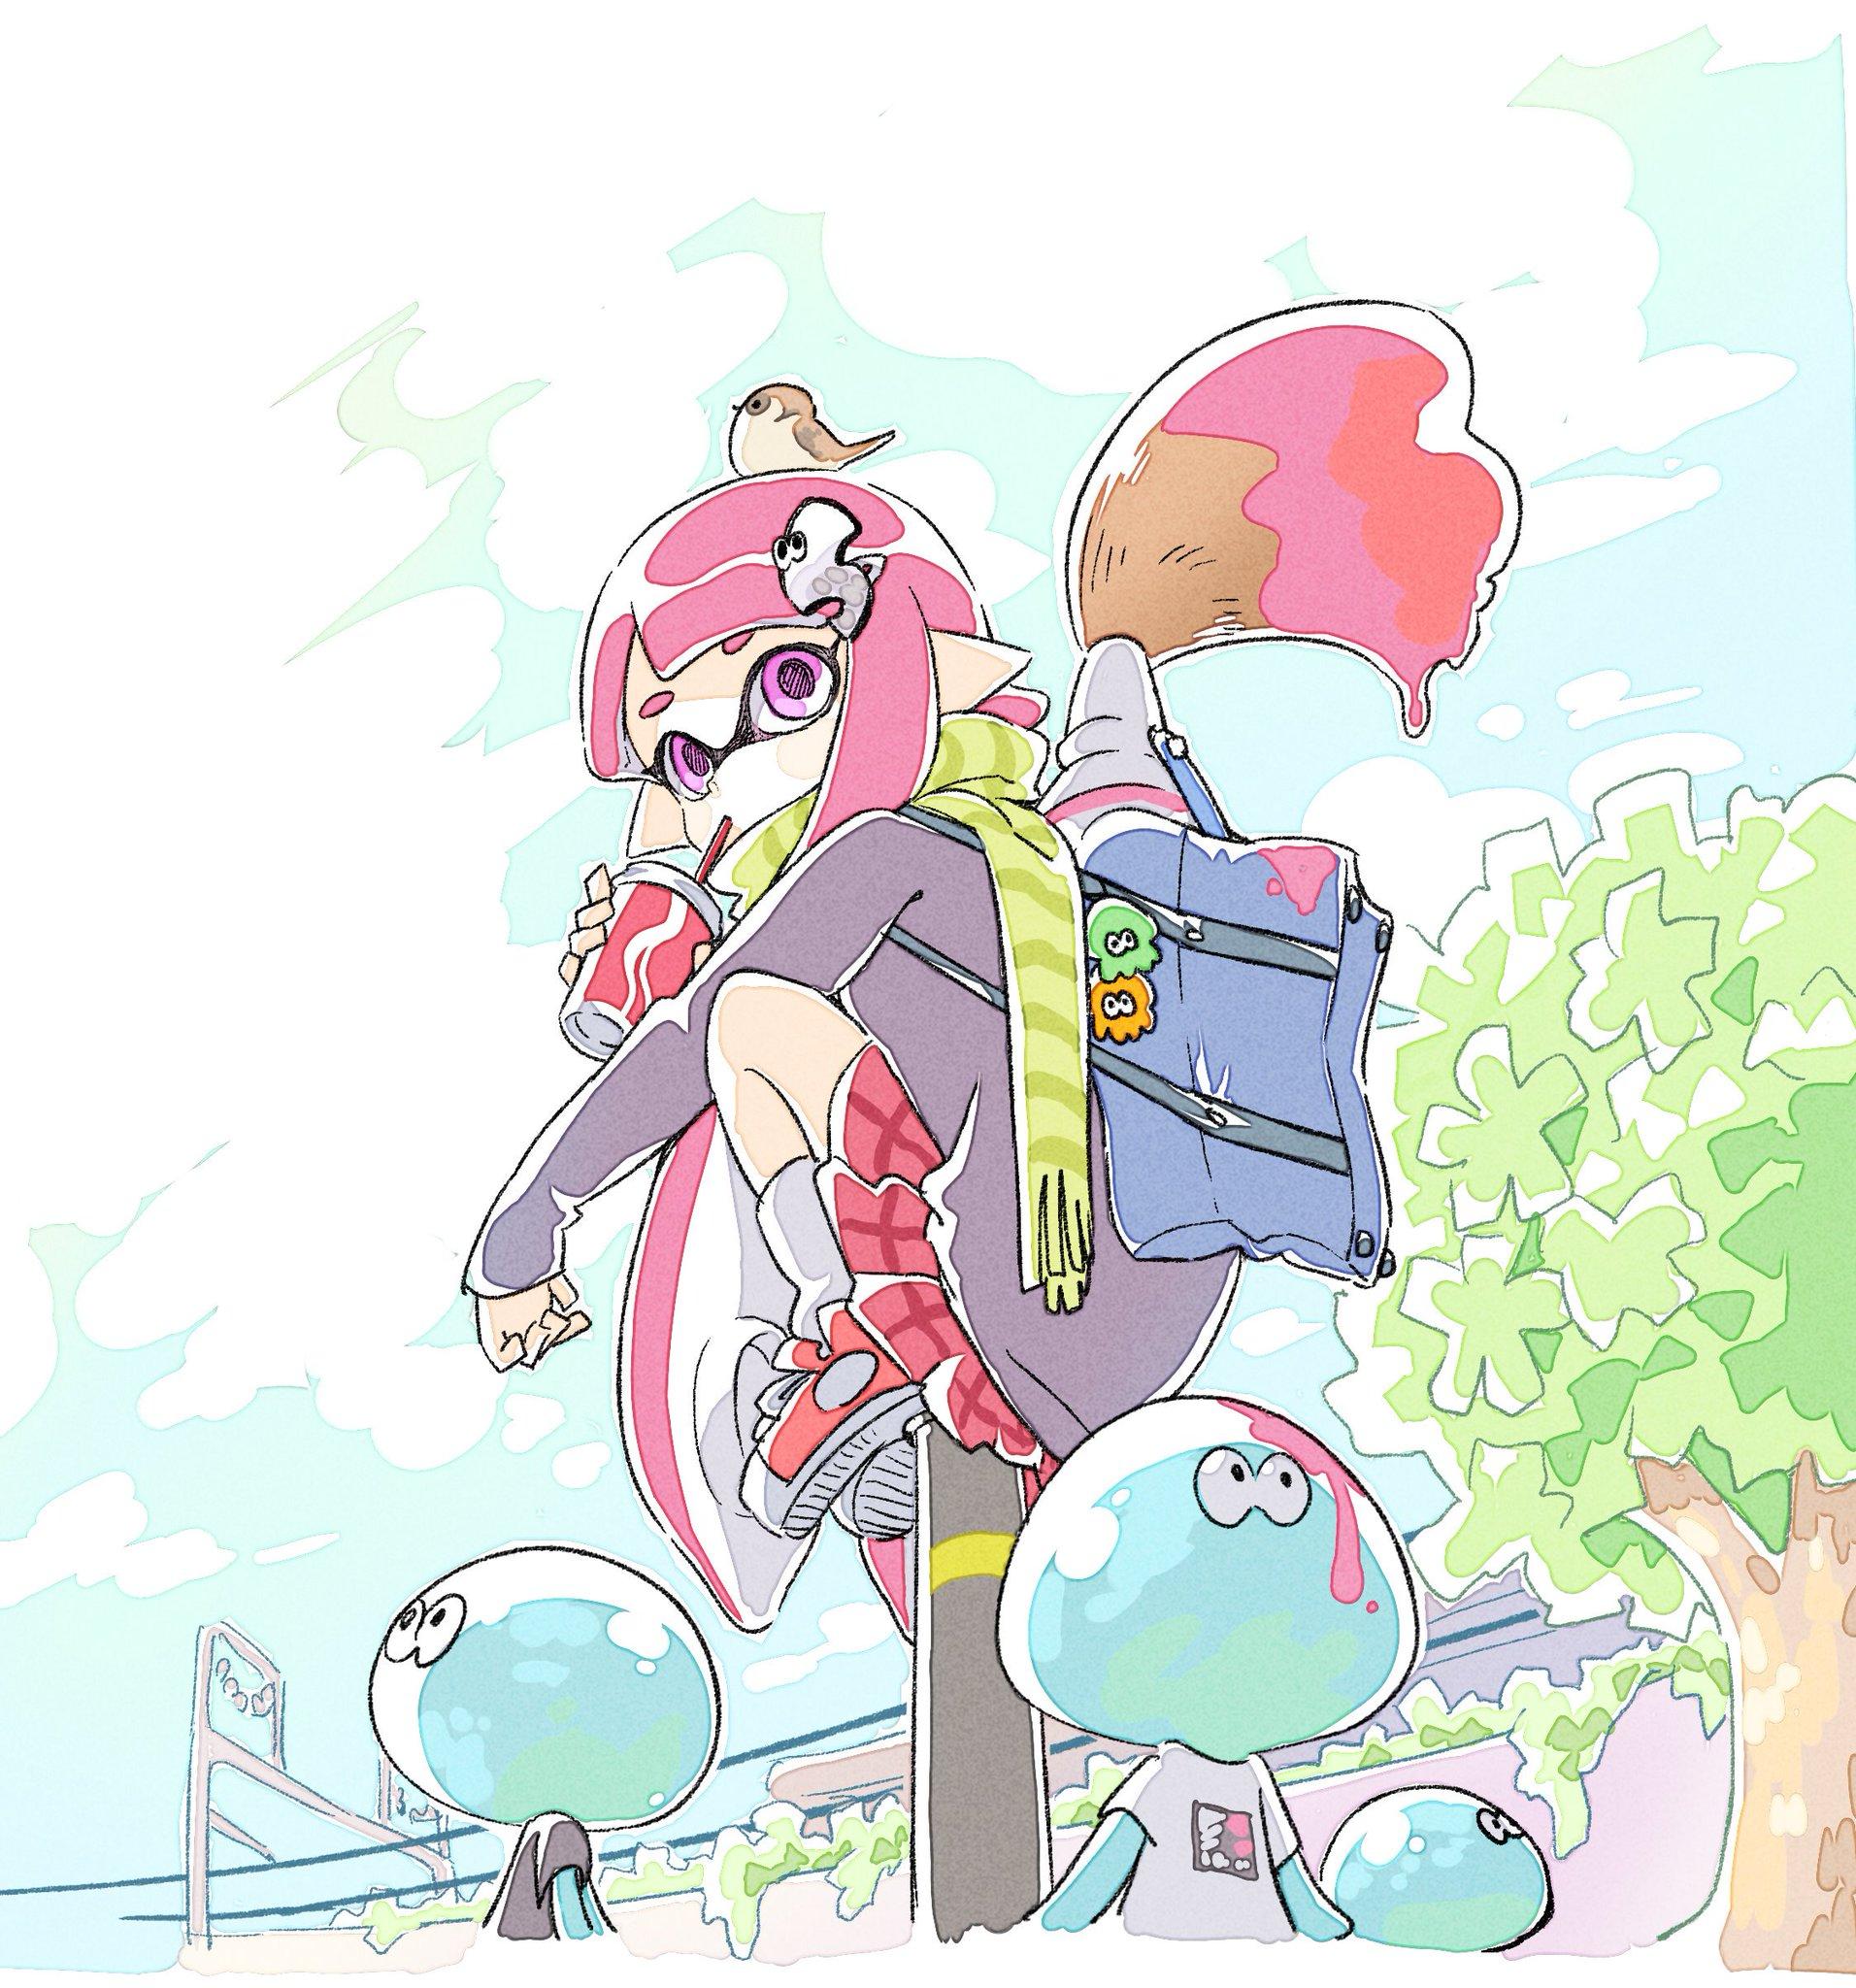 Splatoon Image 2111179 Zerochan Anime Image Board